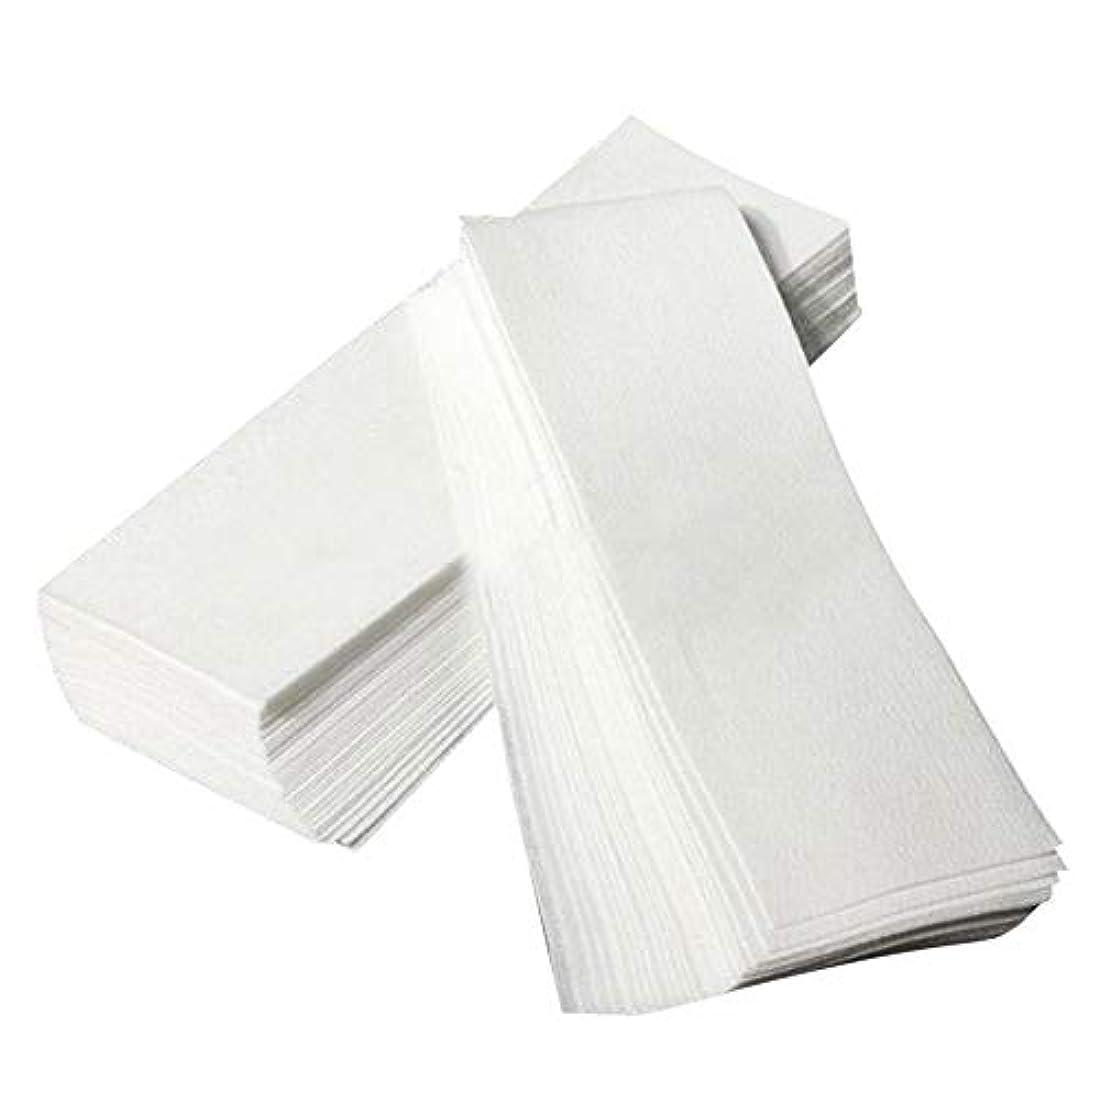 支出機動家事使い捨て 脱毛紙 100シート/パック 不織布 美容ツール 脱毛器 女性たち スムーズな脚のワックスがけ